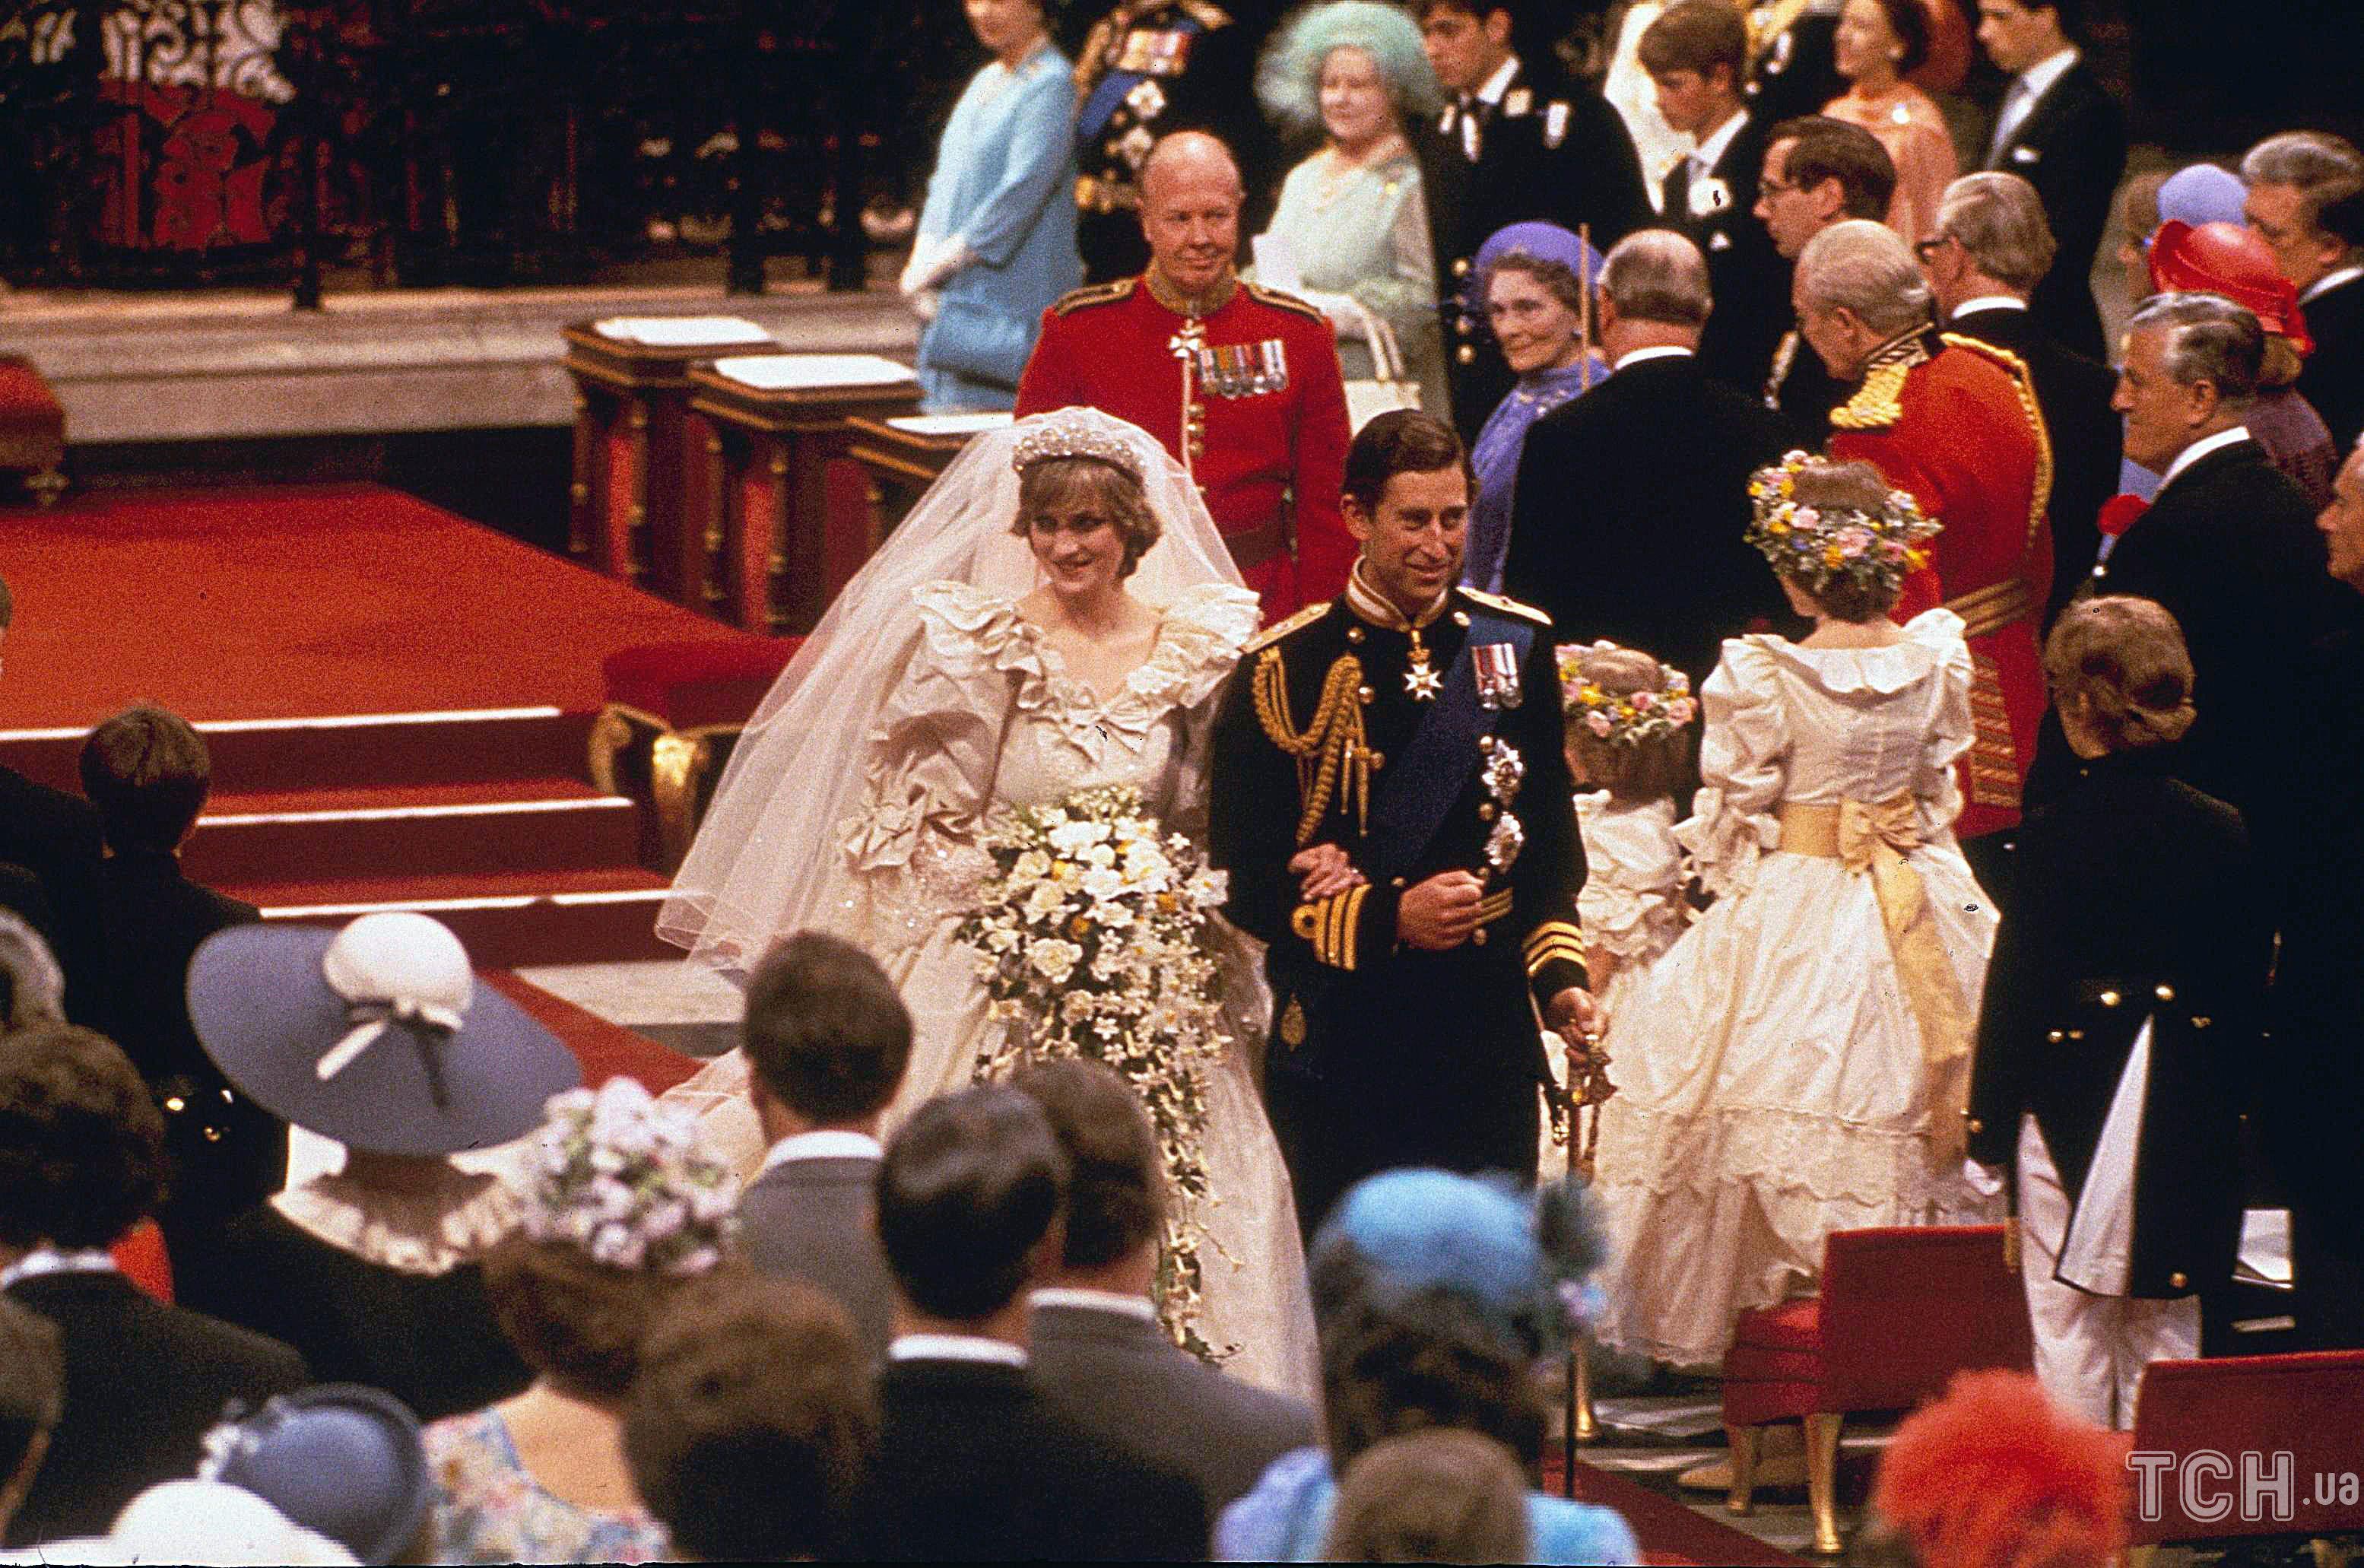 Свадьба принцессы Дианы и принца Чарльза_3